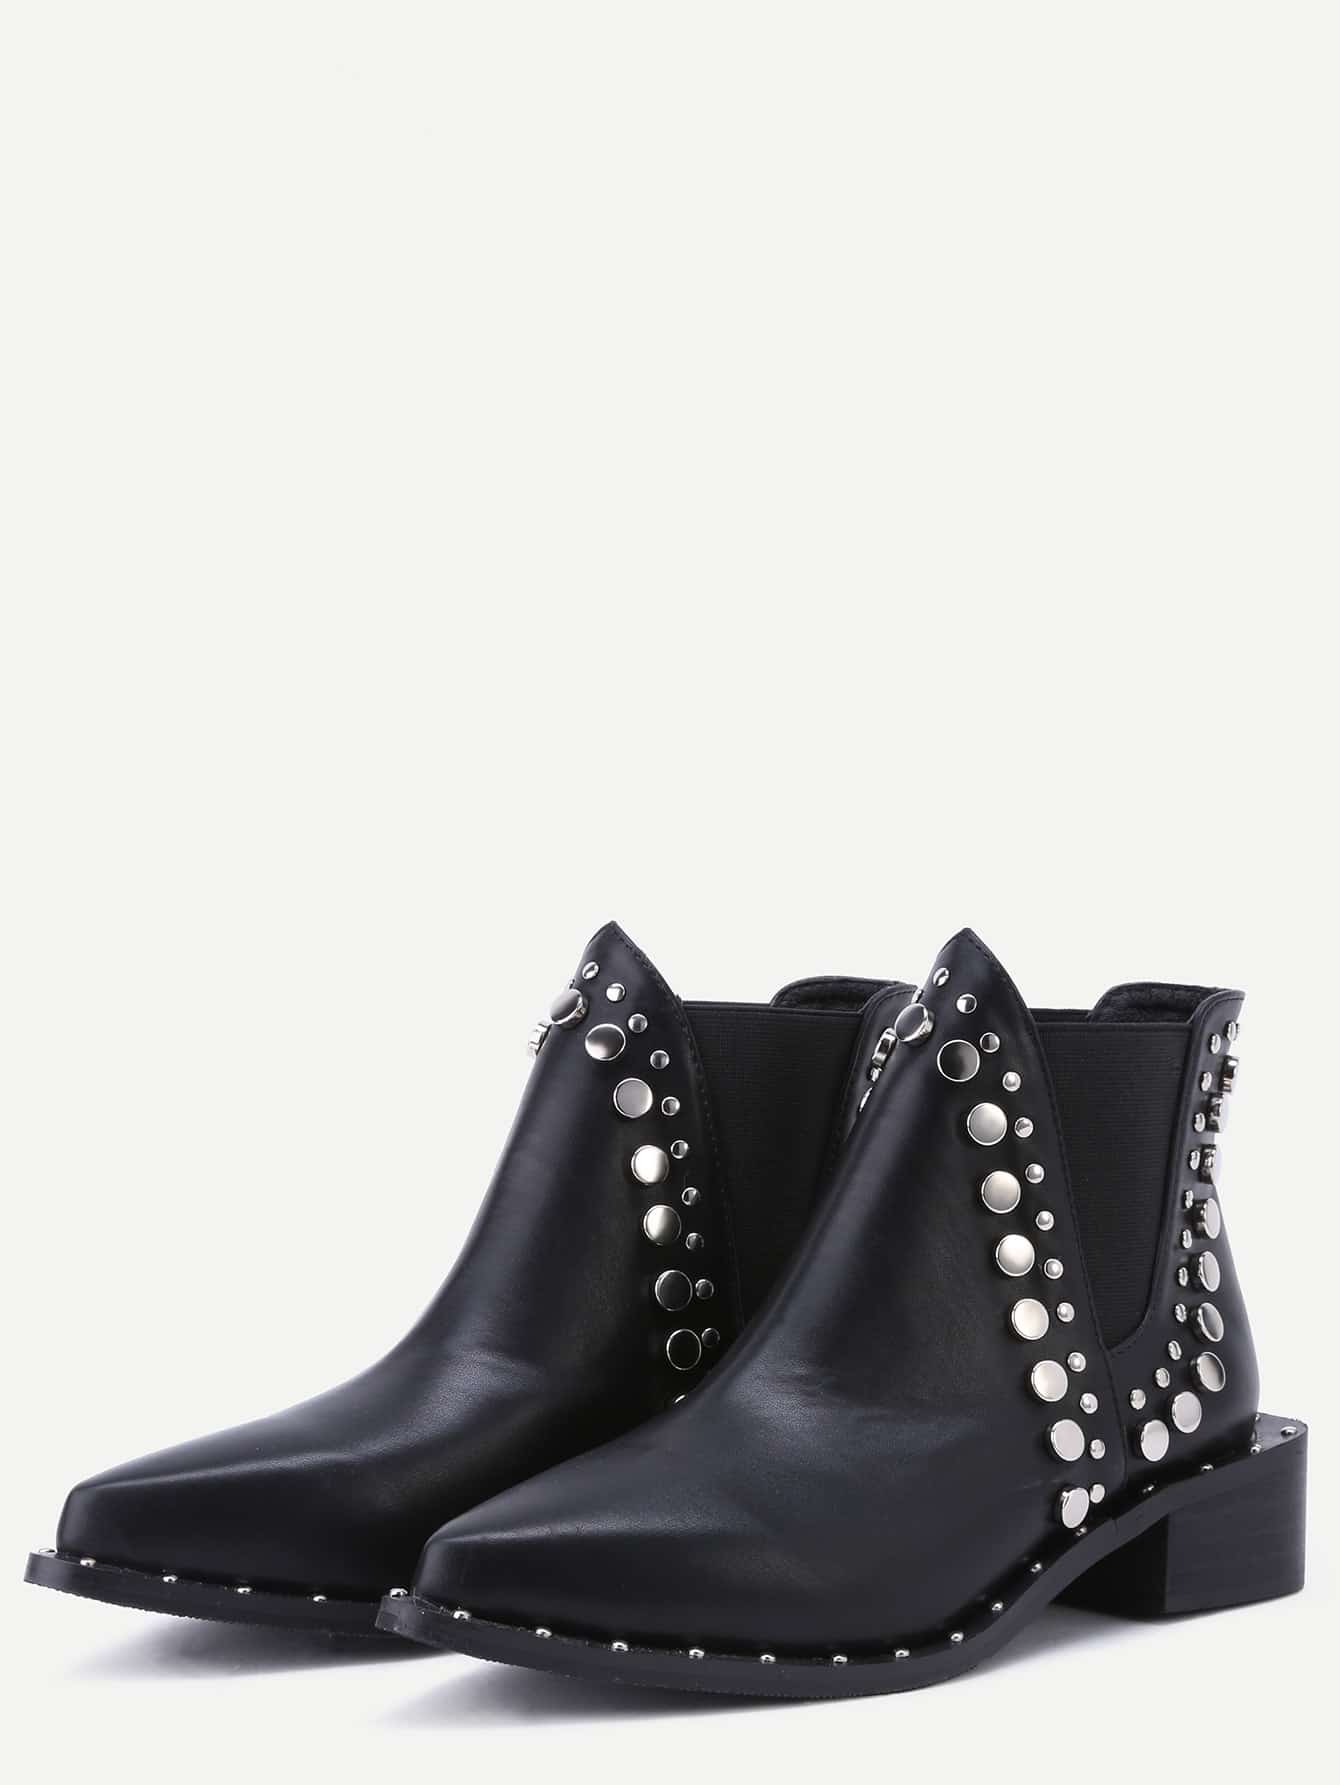 shoes161006807_2